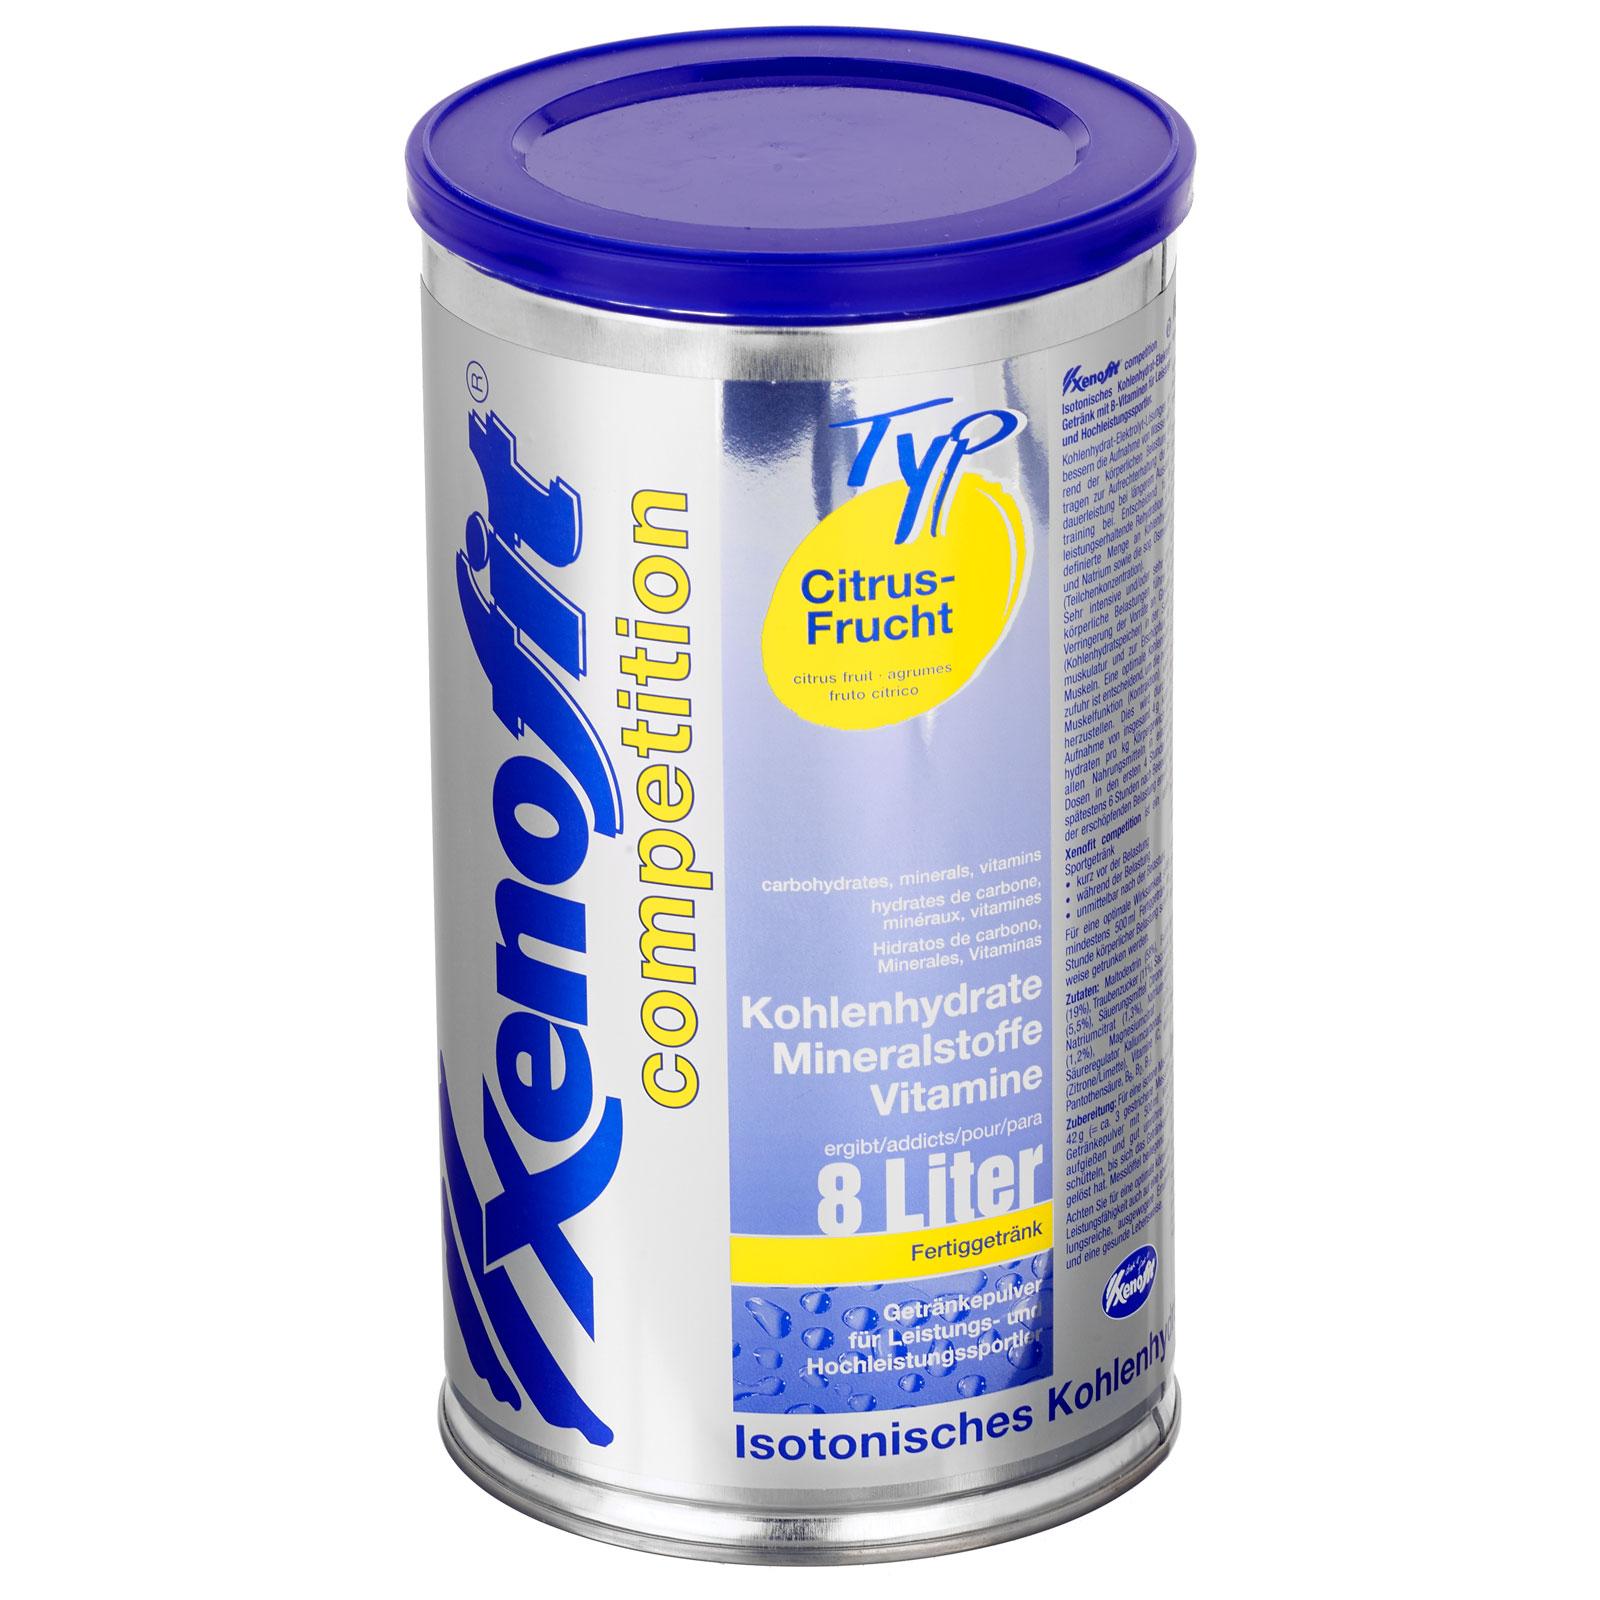 Bild von Xenofit Competition Citrus-Frucht - Isotonisches Kohlenhydrat-Getränk - 672g